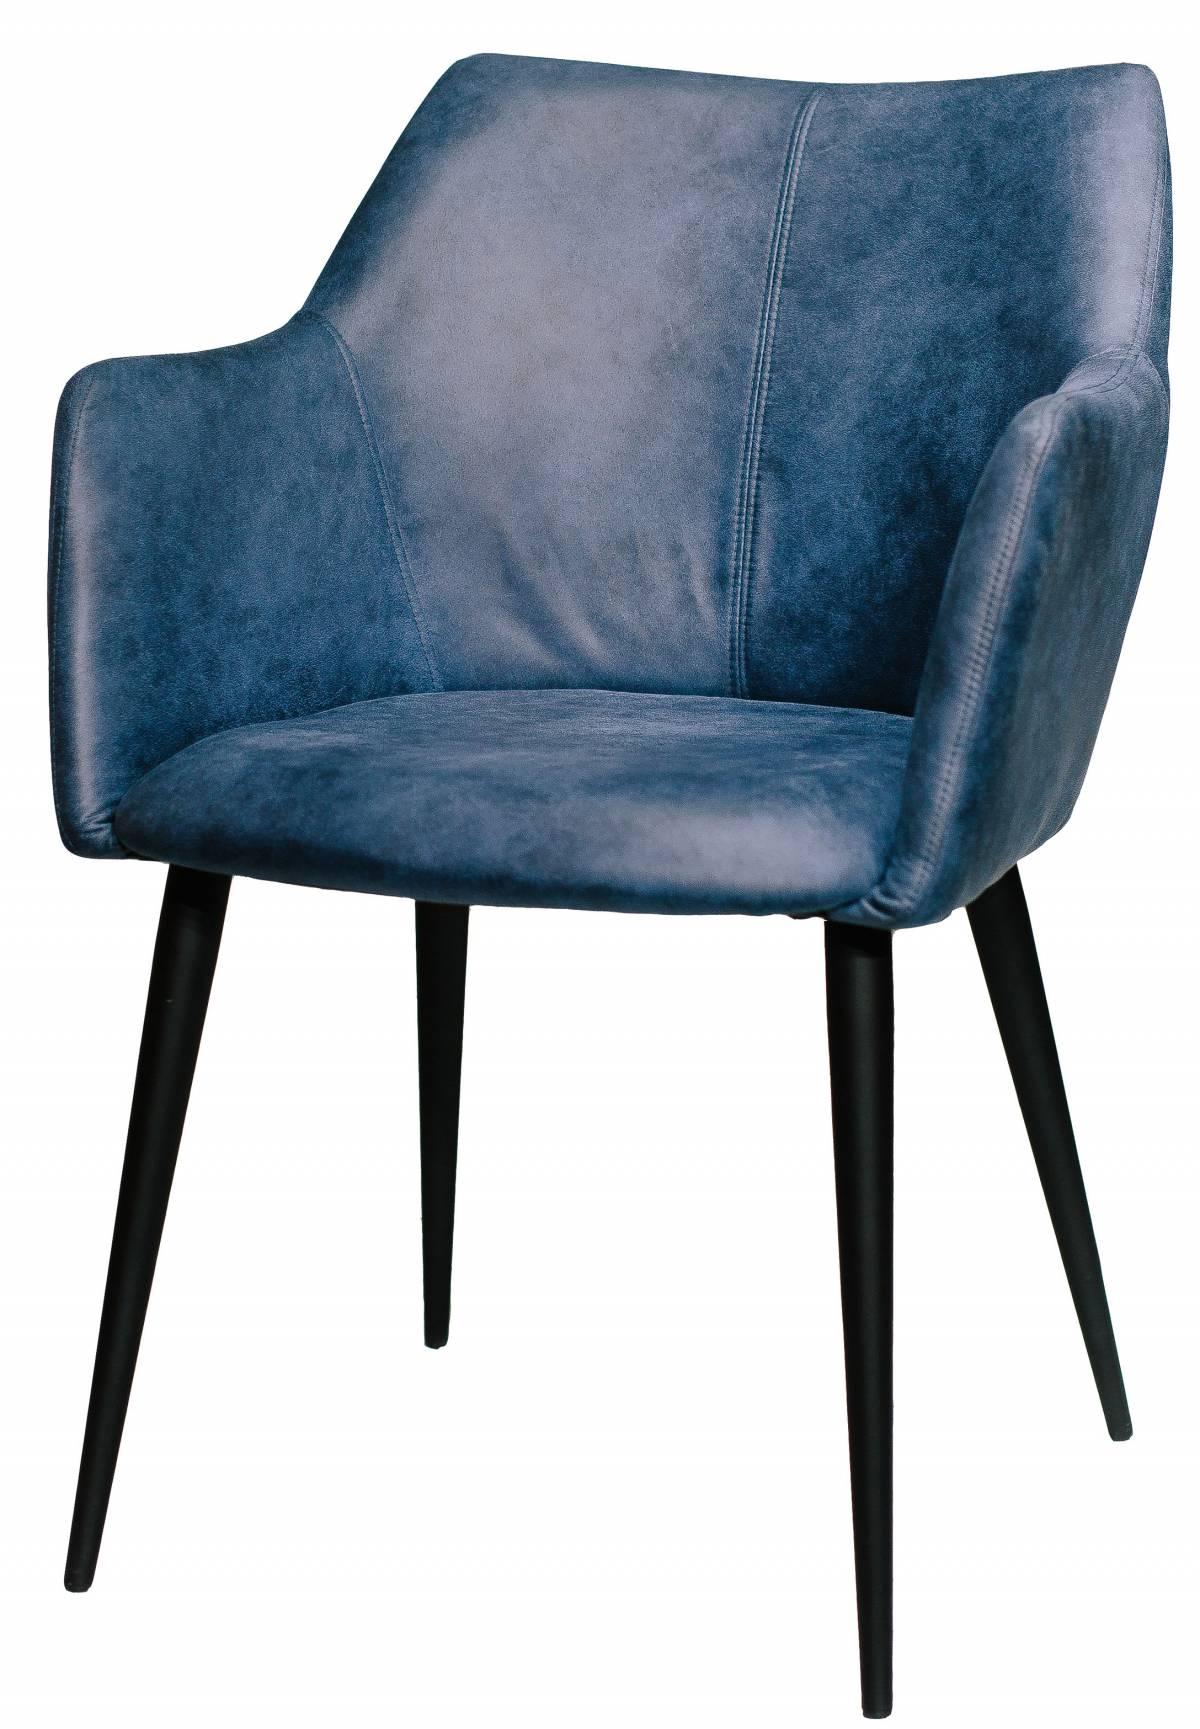 Купить кресло STEWART синий в Raroom